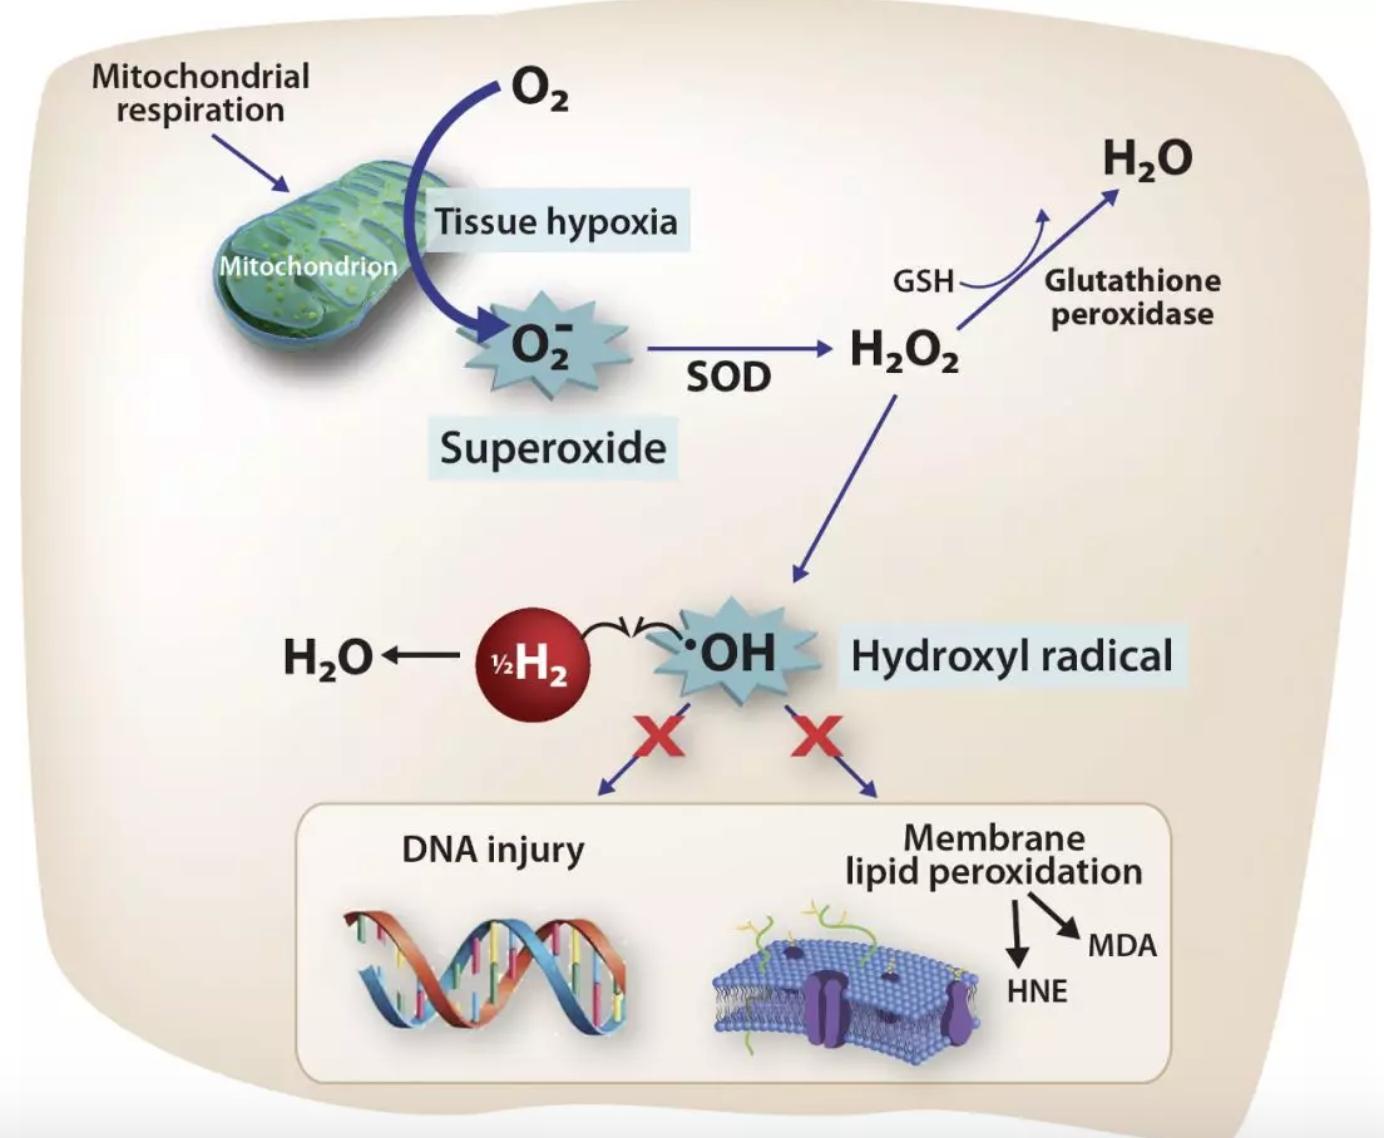 哈佛大學研究:氫氣對缺血再灌的效果